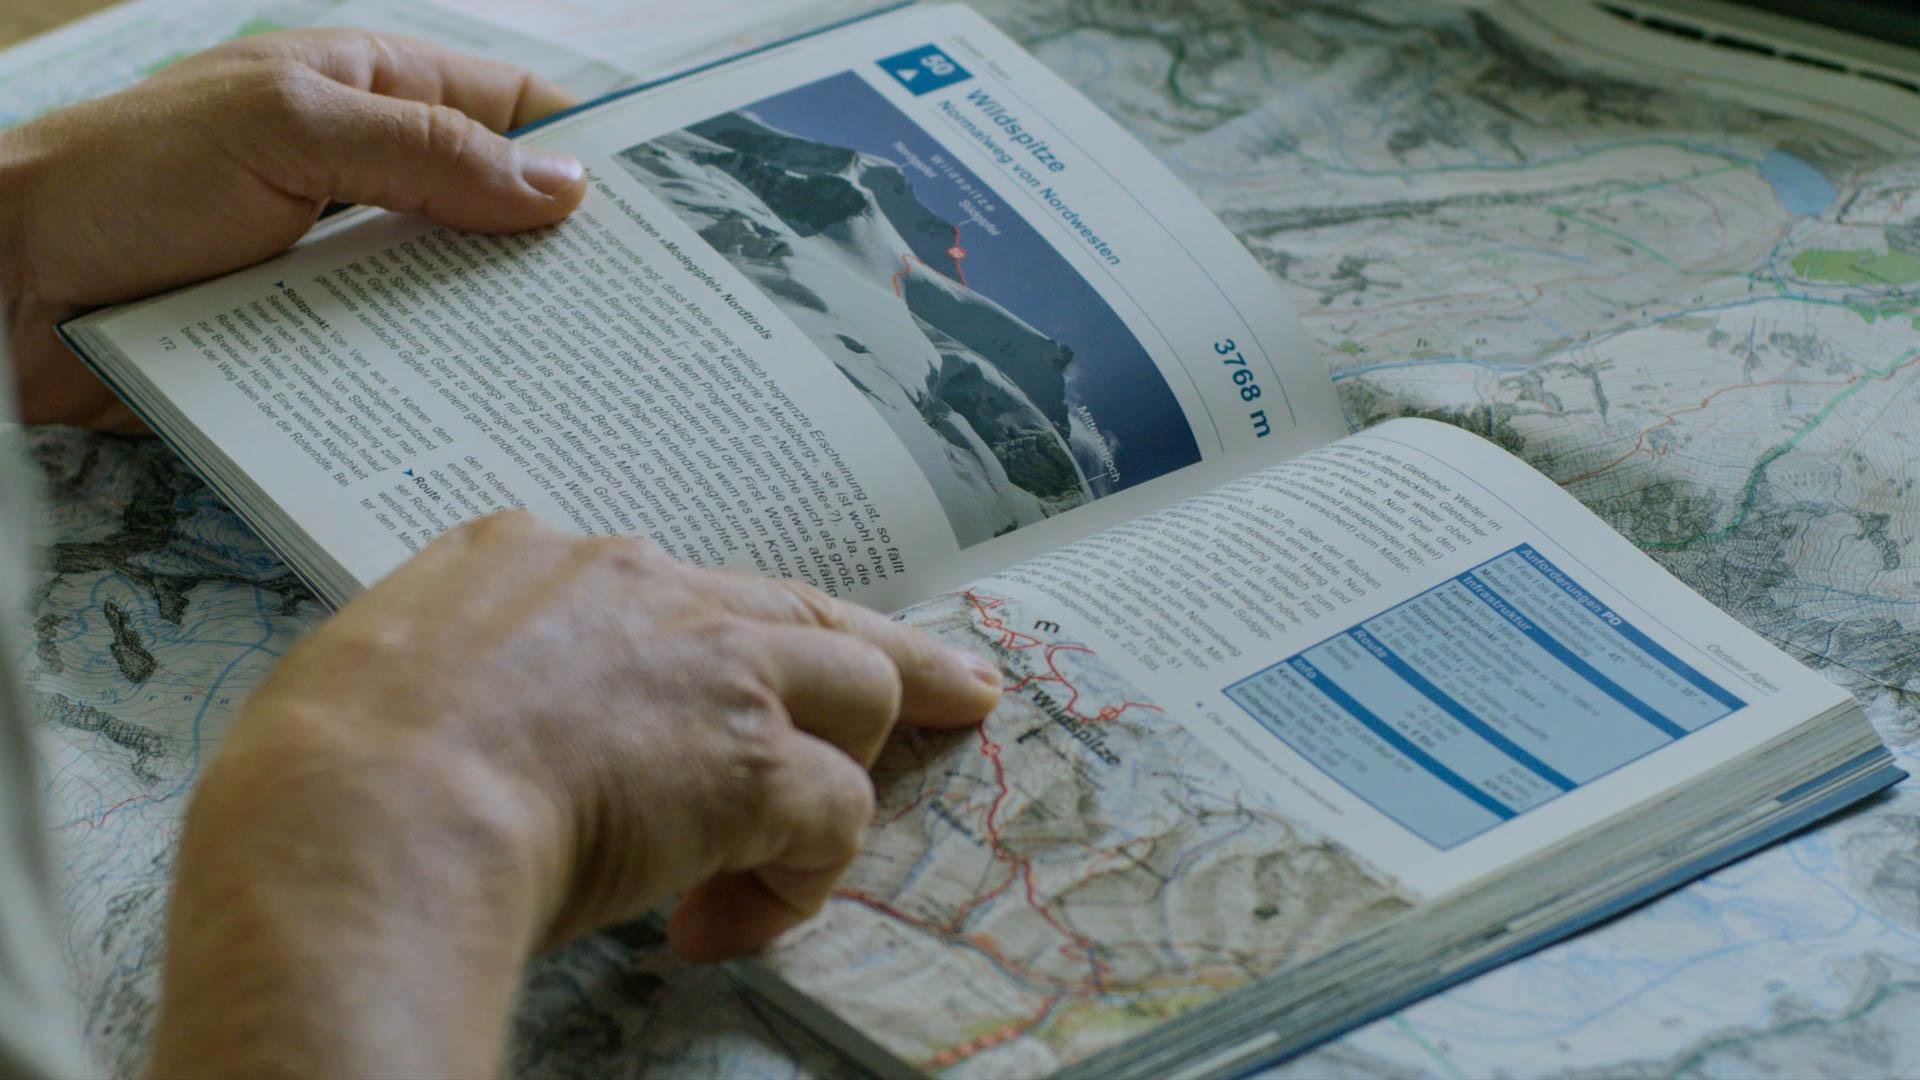 tourenplanung-fuer-eine-hochtour.jpg Hochtouren Tutorial